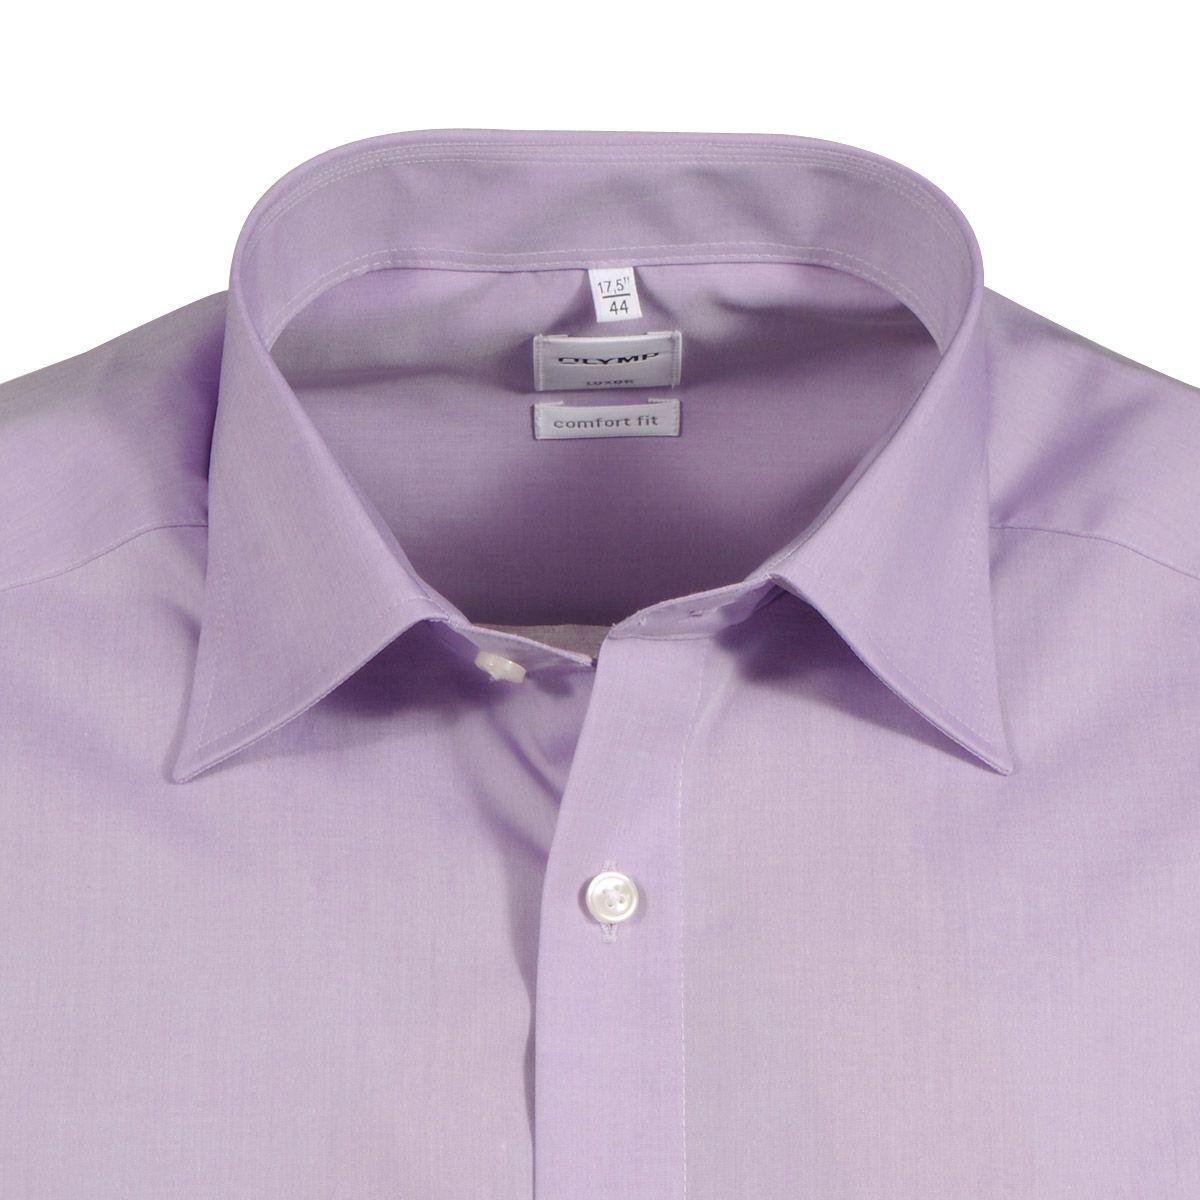 chemise homme grande taille violet sans repassage 45 au 50 olymp olymp. Black Bedroom Furniture Sets. Home Design Ideas